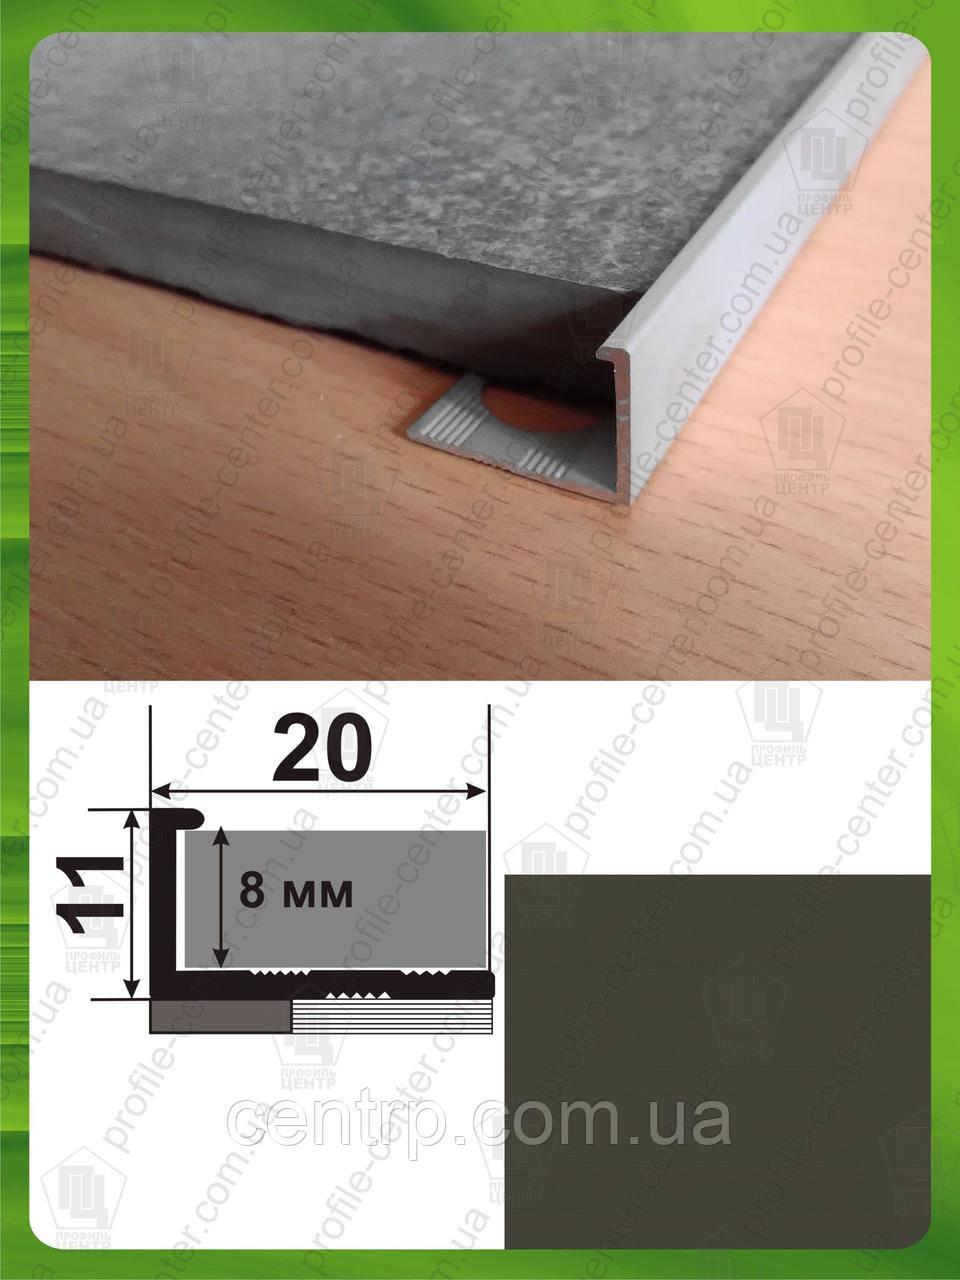 Алюминиевый Г-образный профиль для плитки до 8 мм АП10 L-2.7 м Бронза оливка (краш)